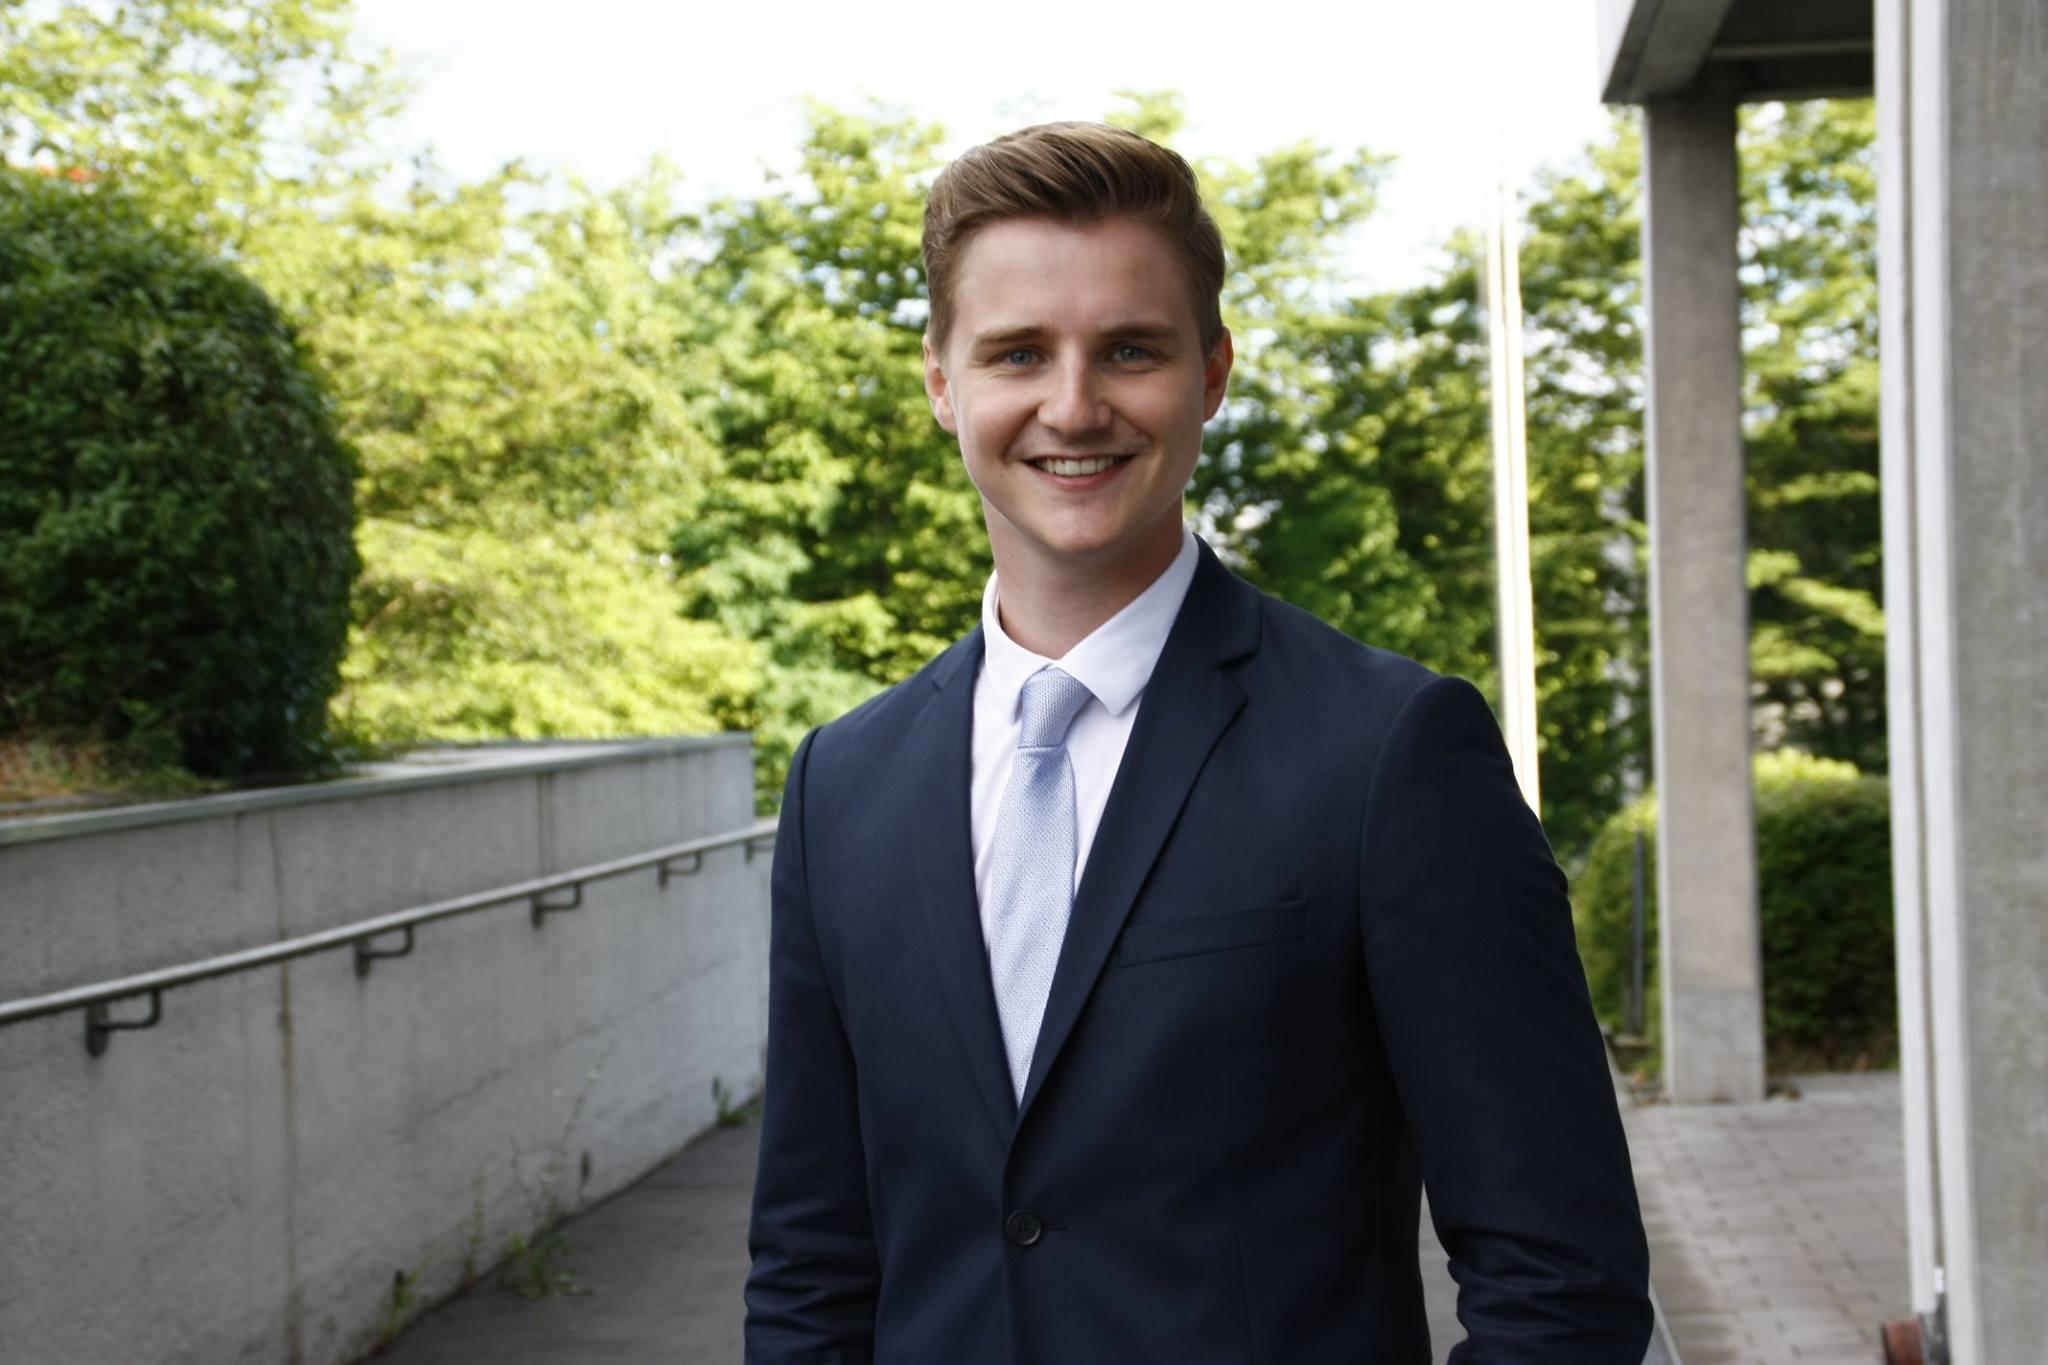 Justus Reich